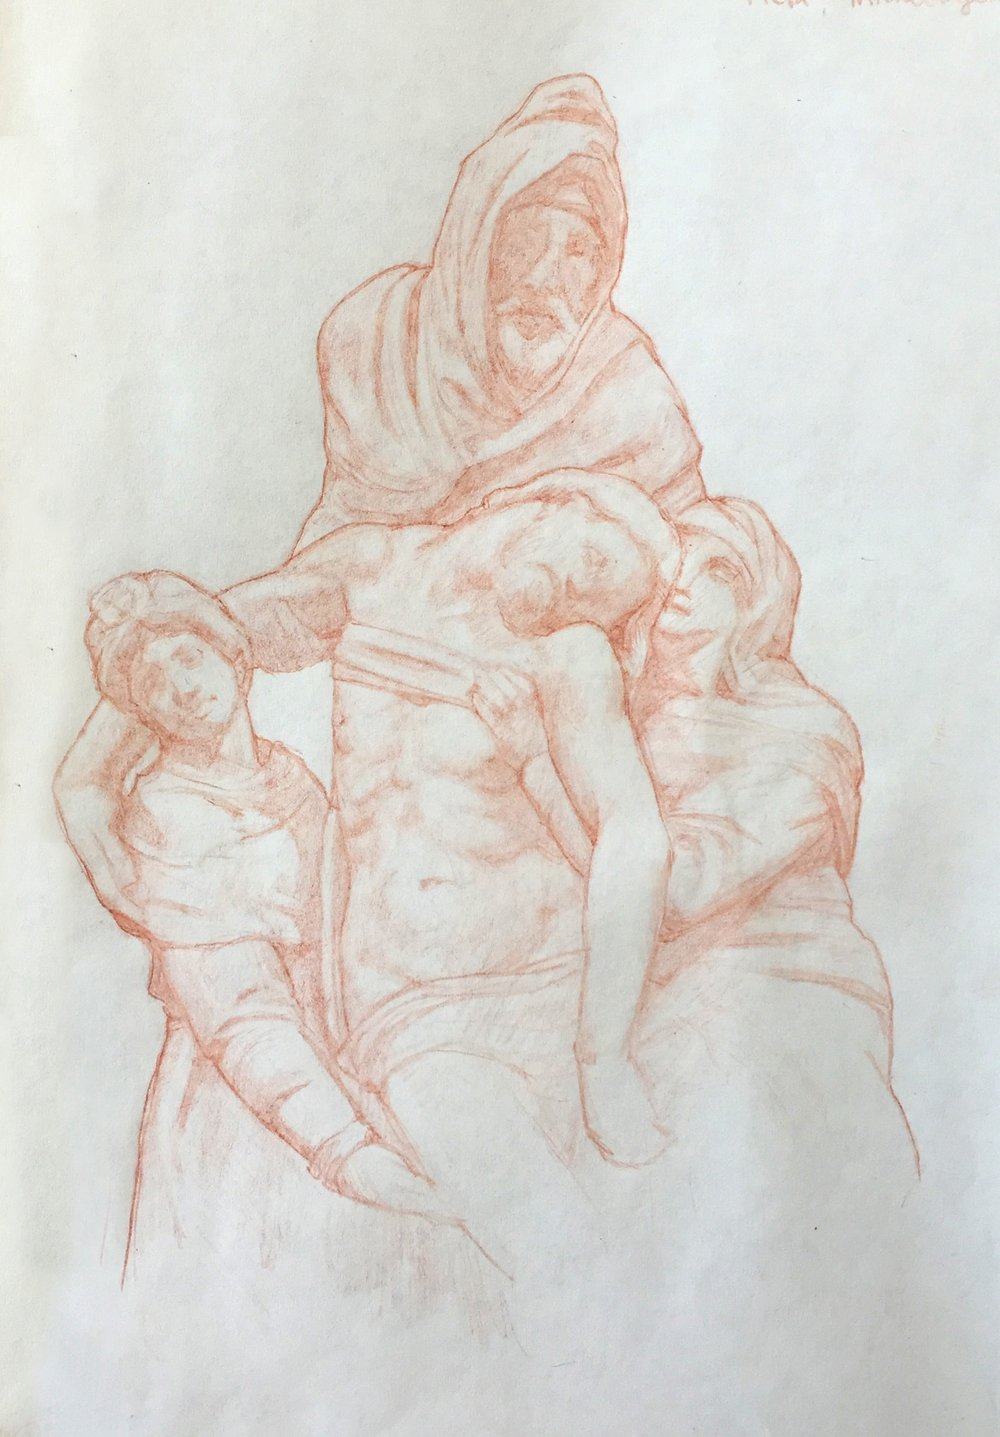 Observational Study-Florentine Pieta, Michelangelo